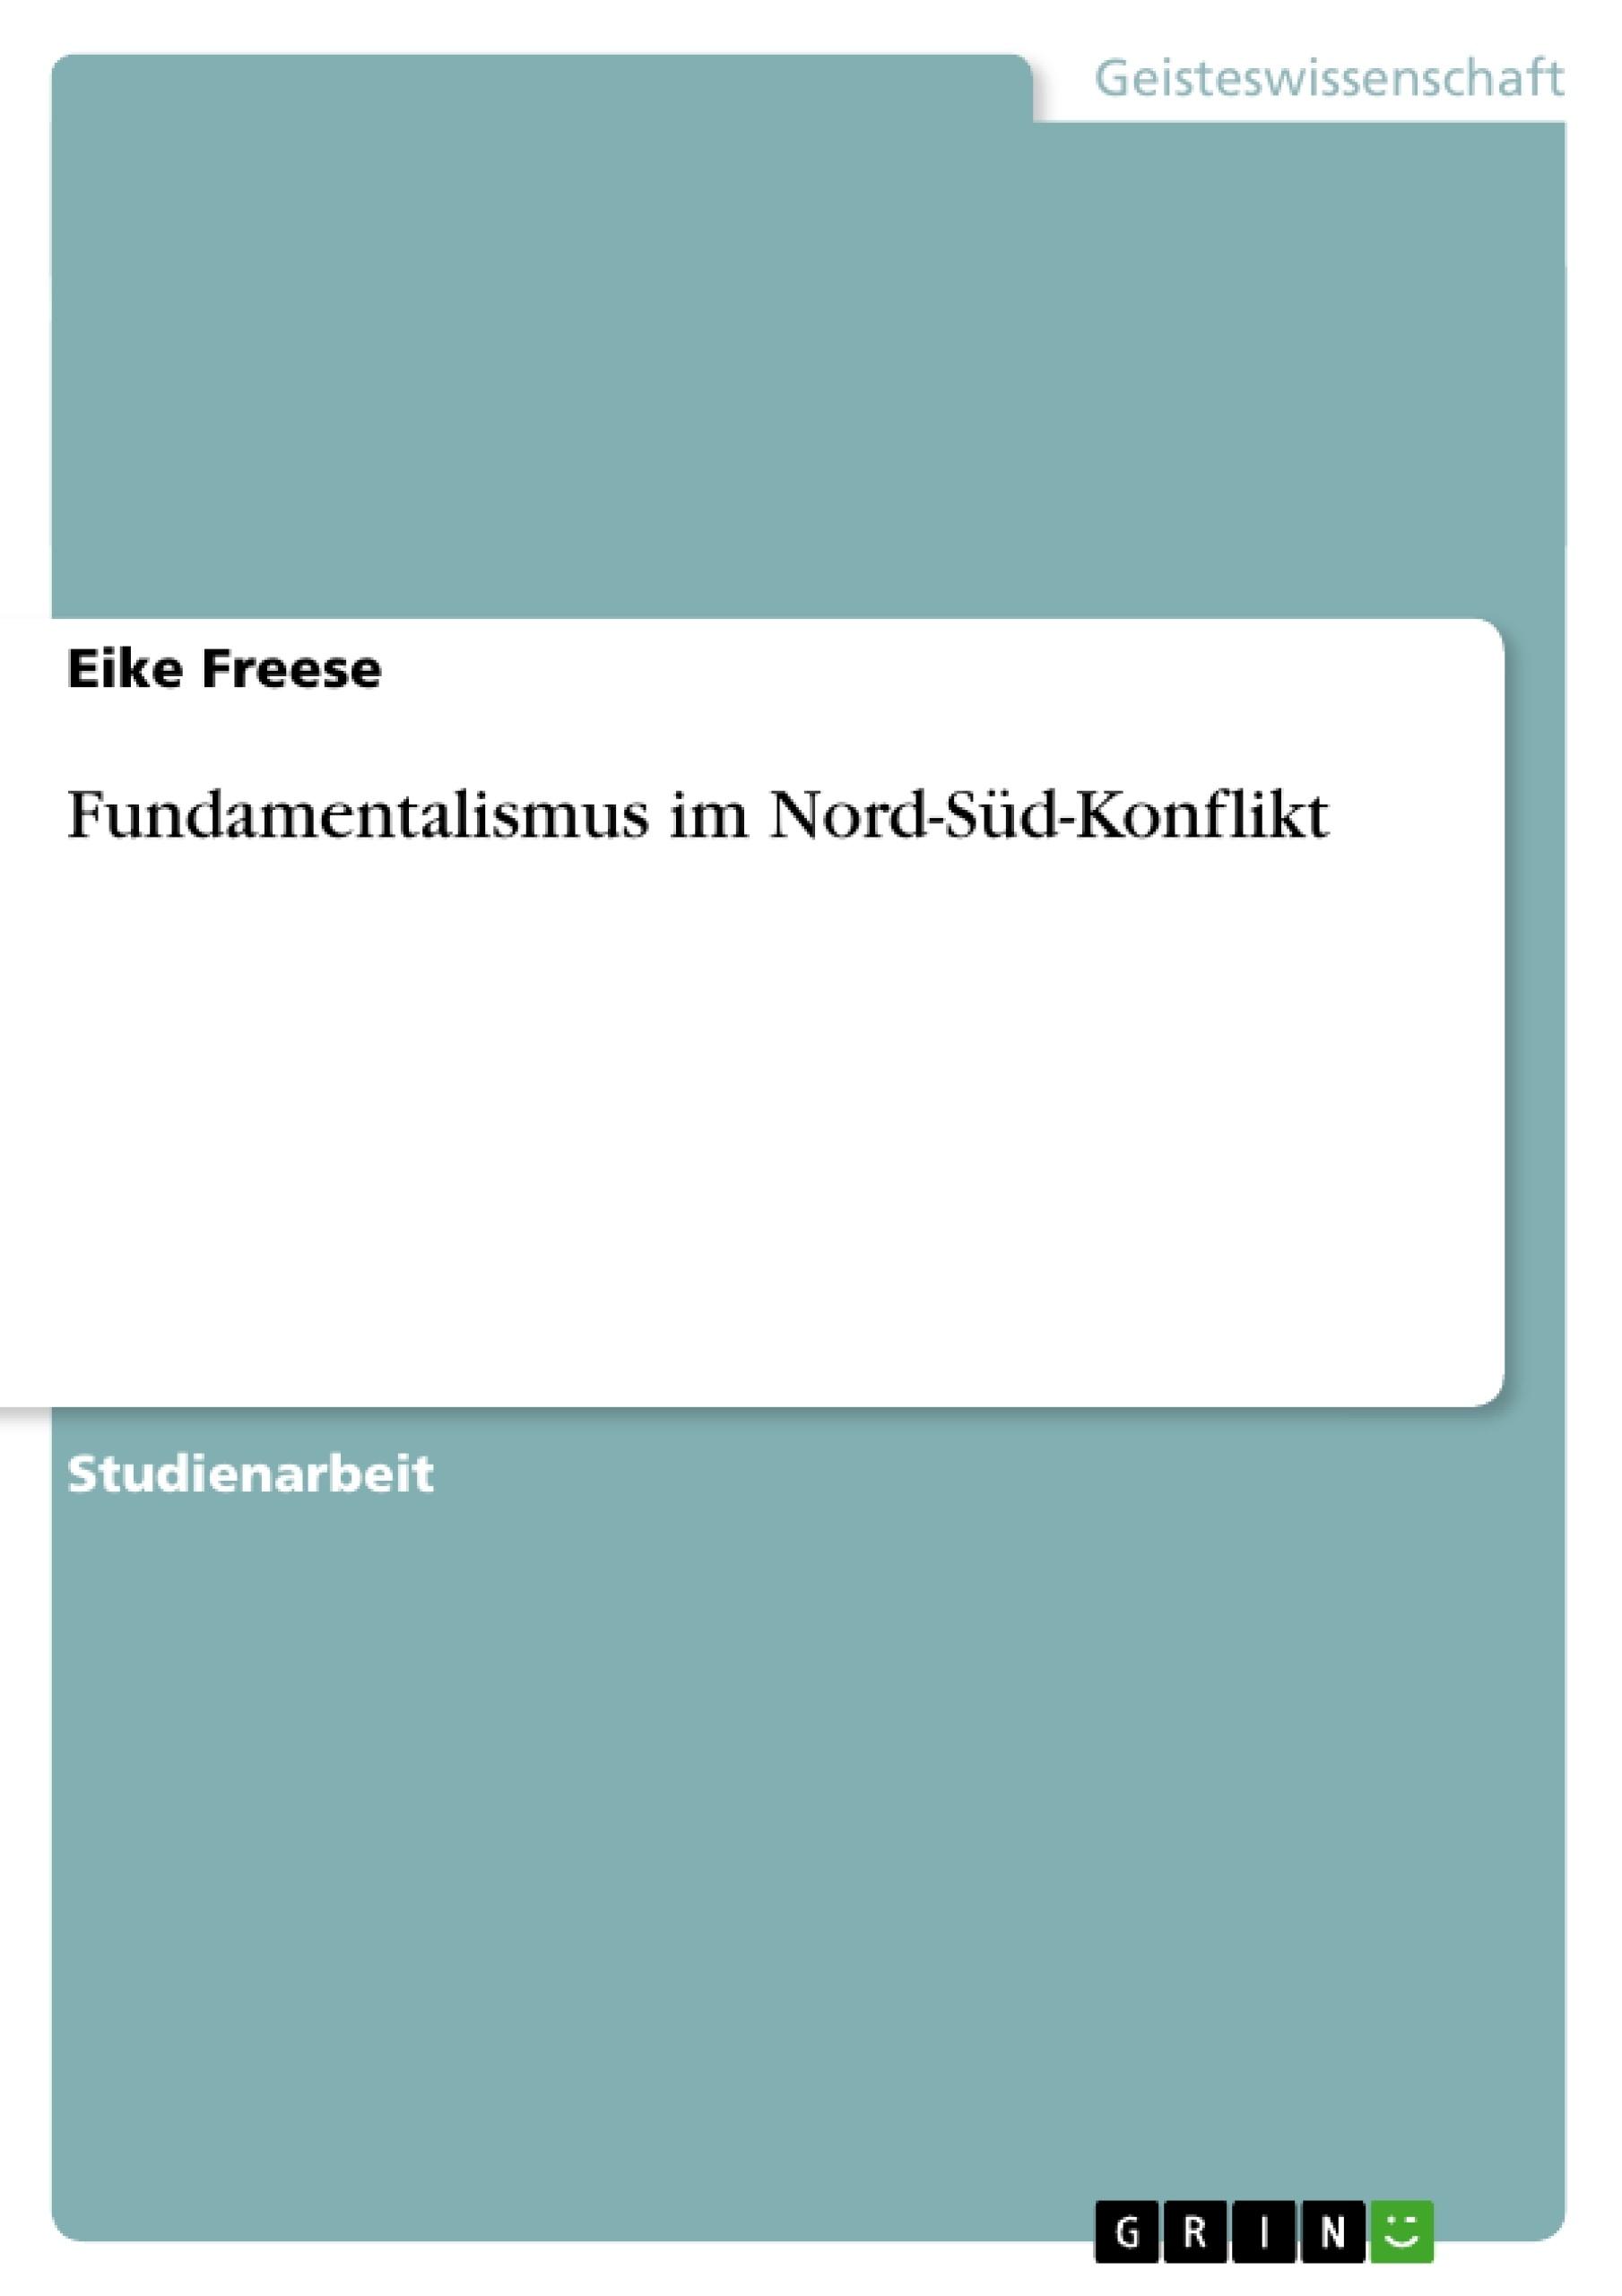 Titel: Fundamentalismus im Nord-Süd-Konflikt